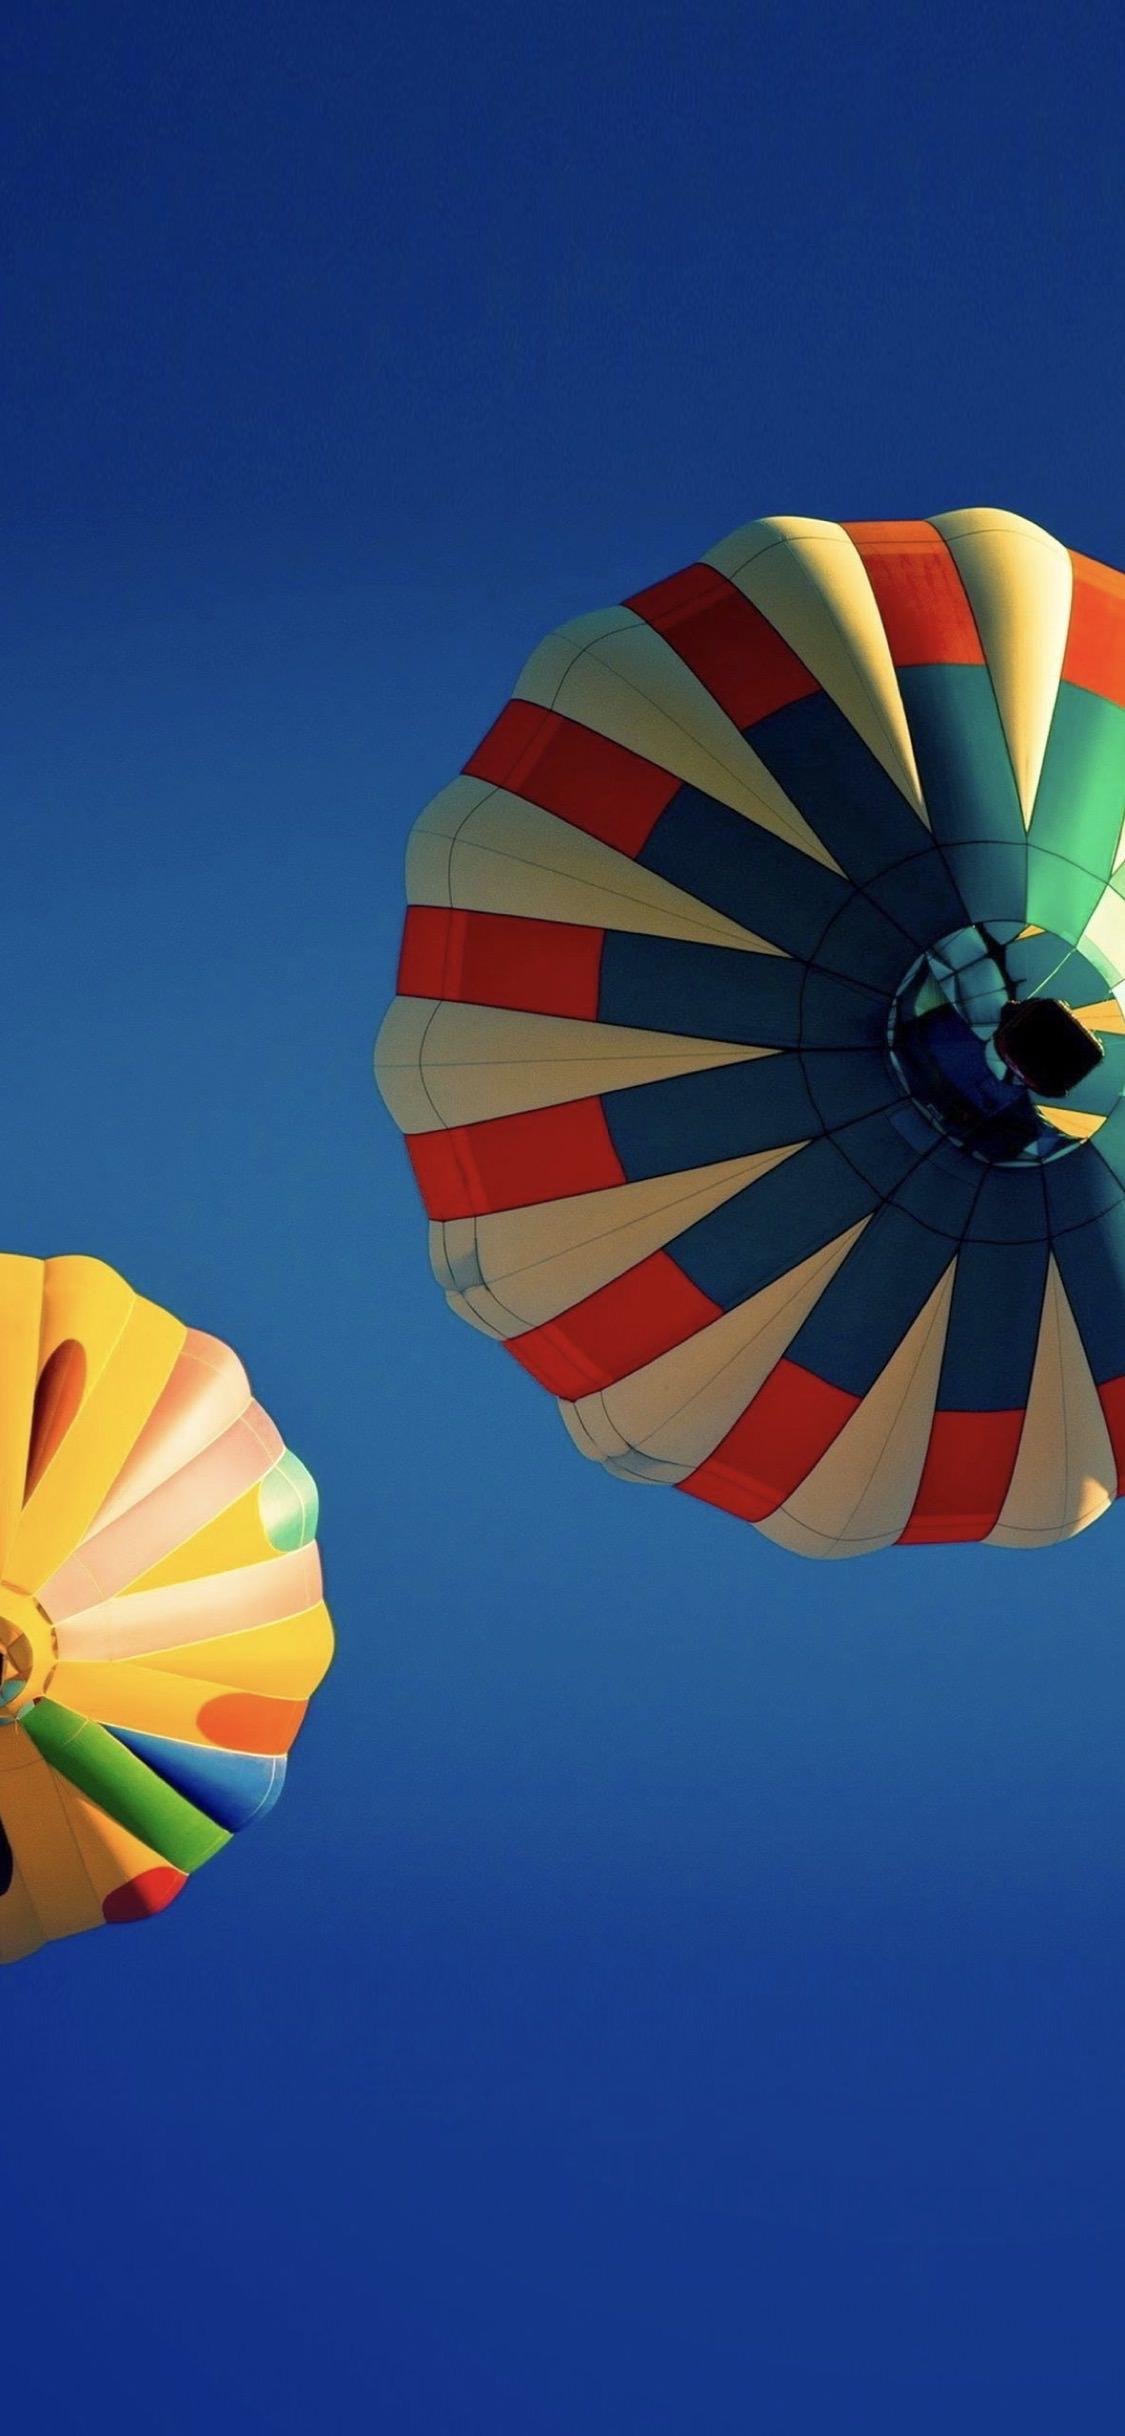 Landscape Colorful Balloon Wallpaper Sc Iphonexs